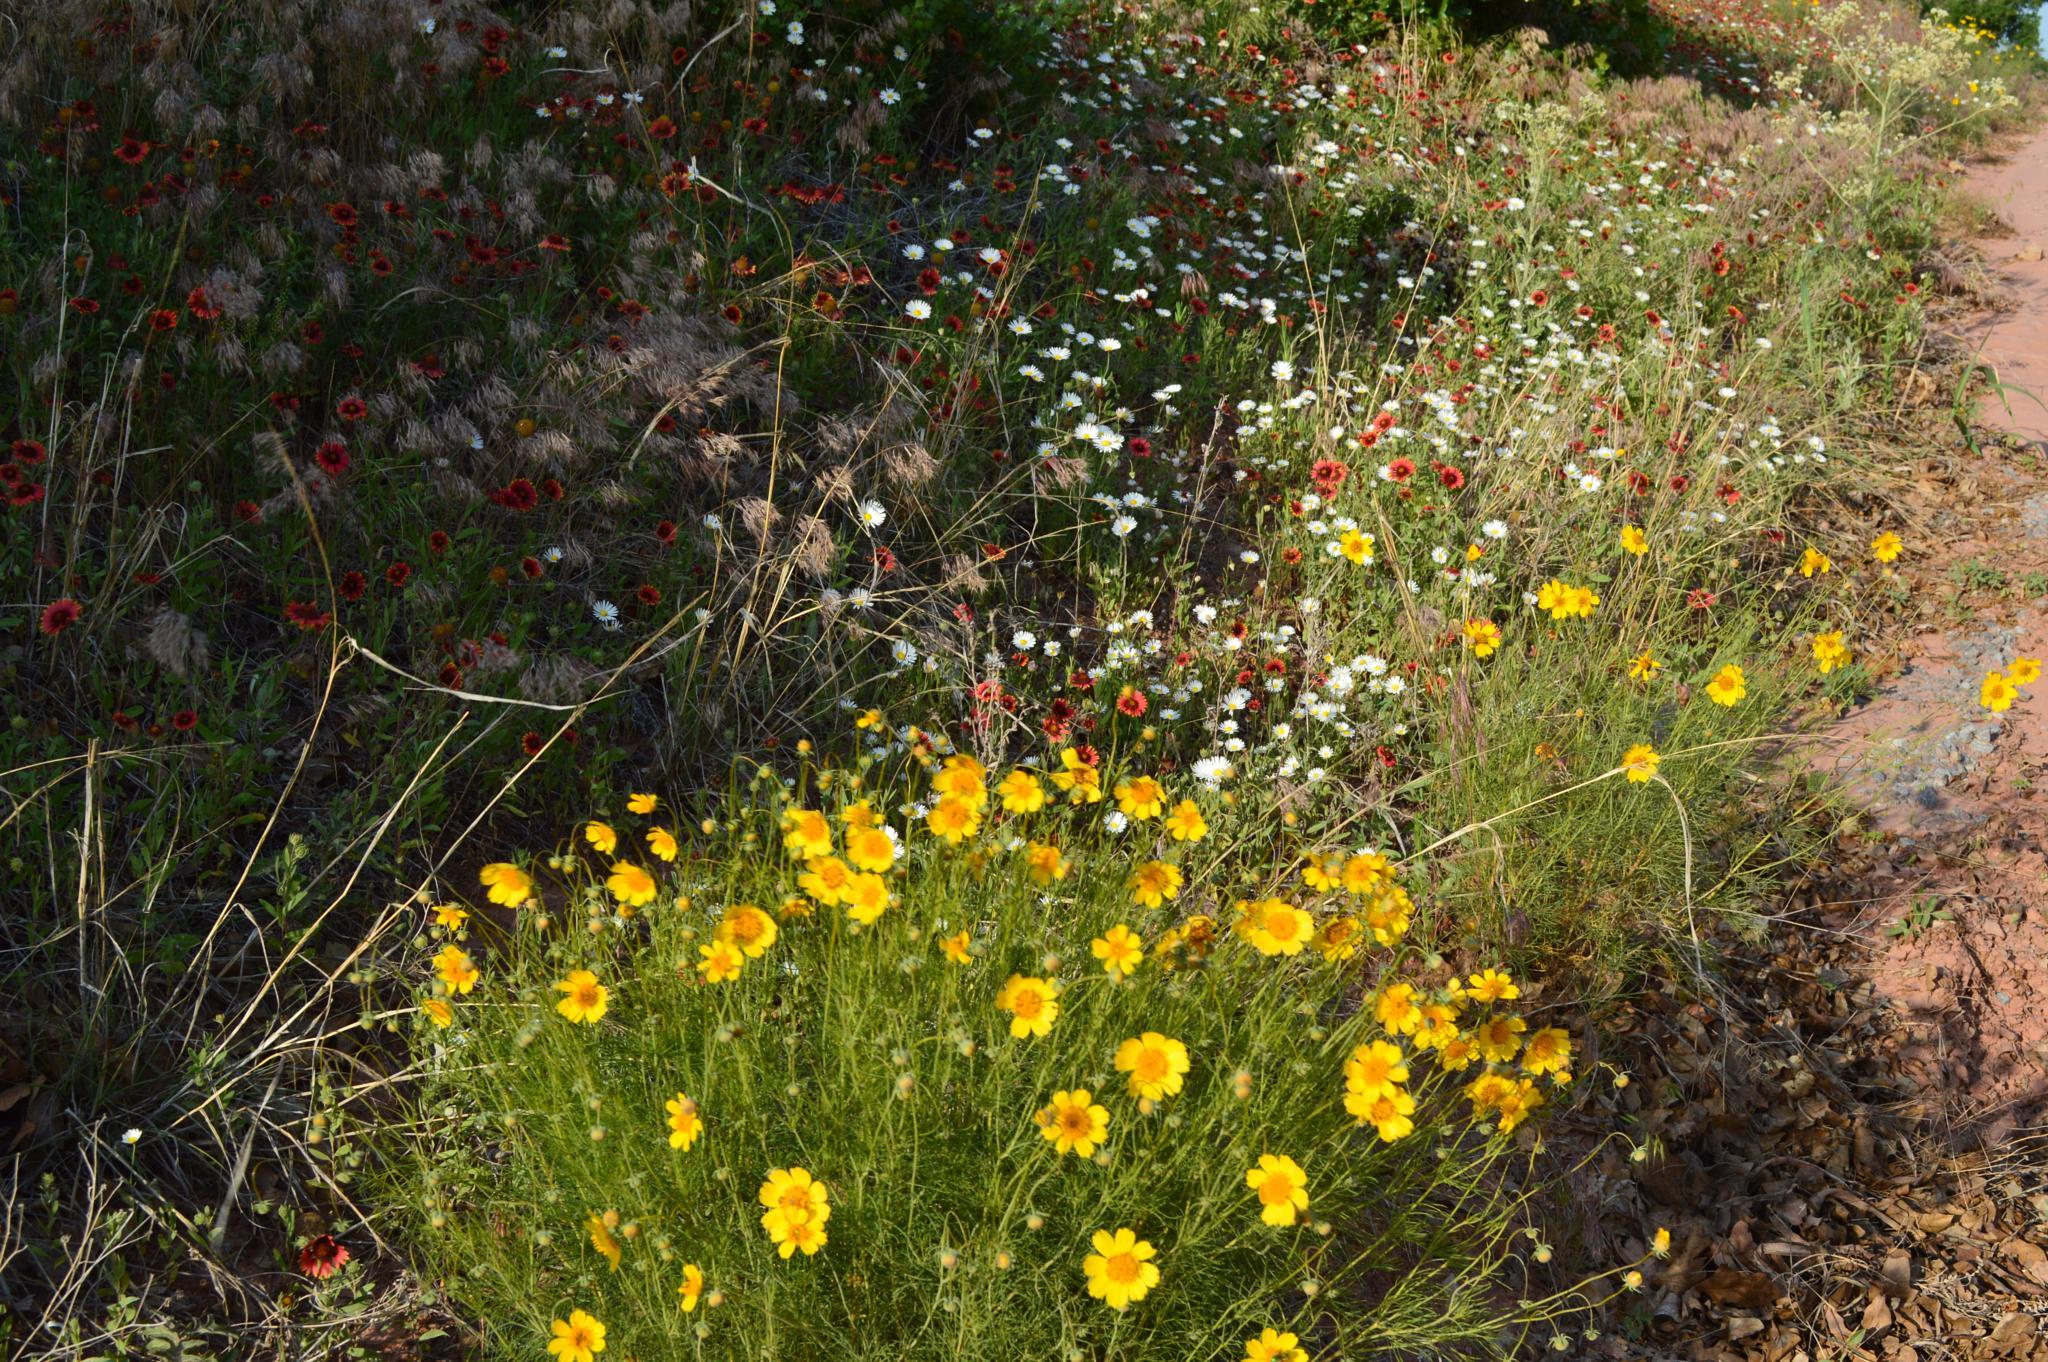 Wildflowers in Bloom by VickiB